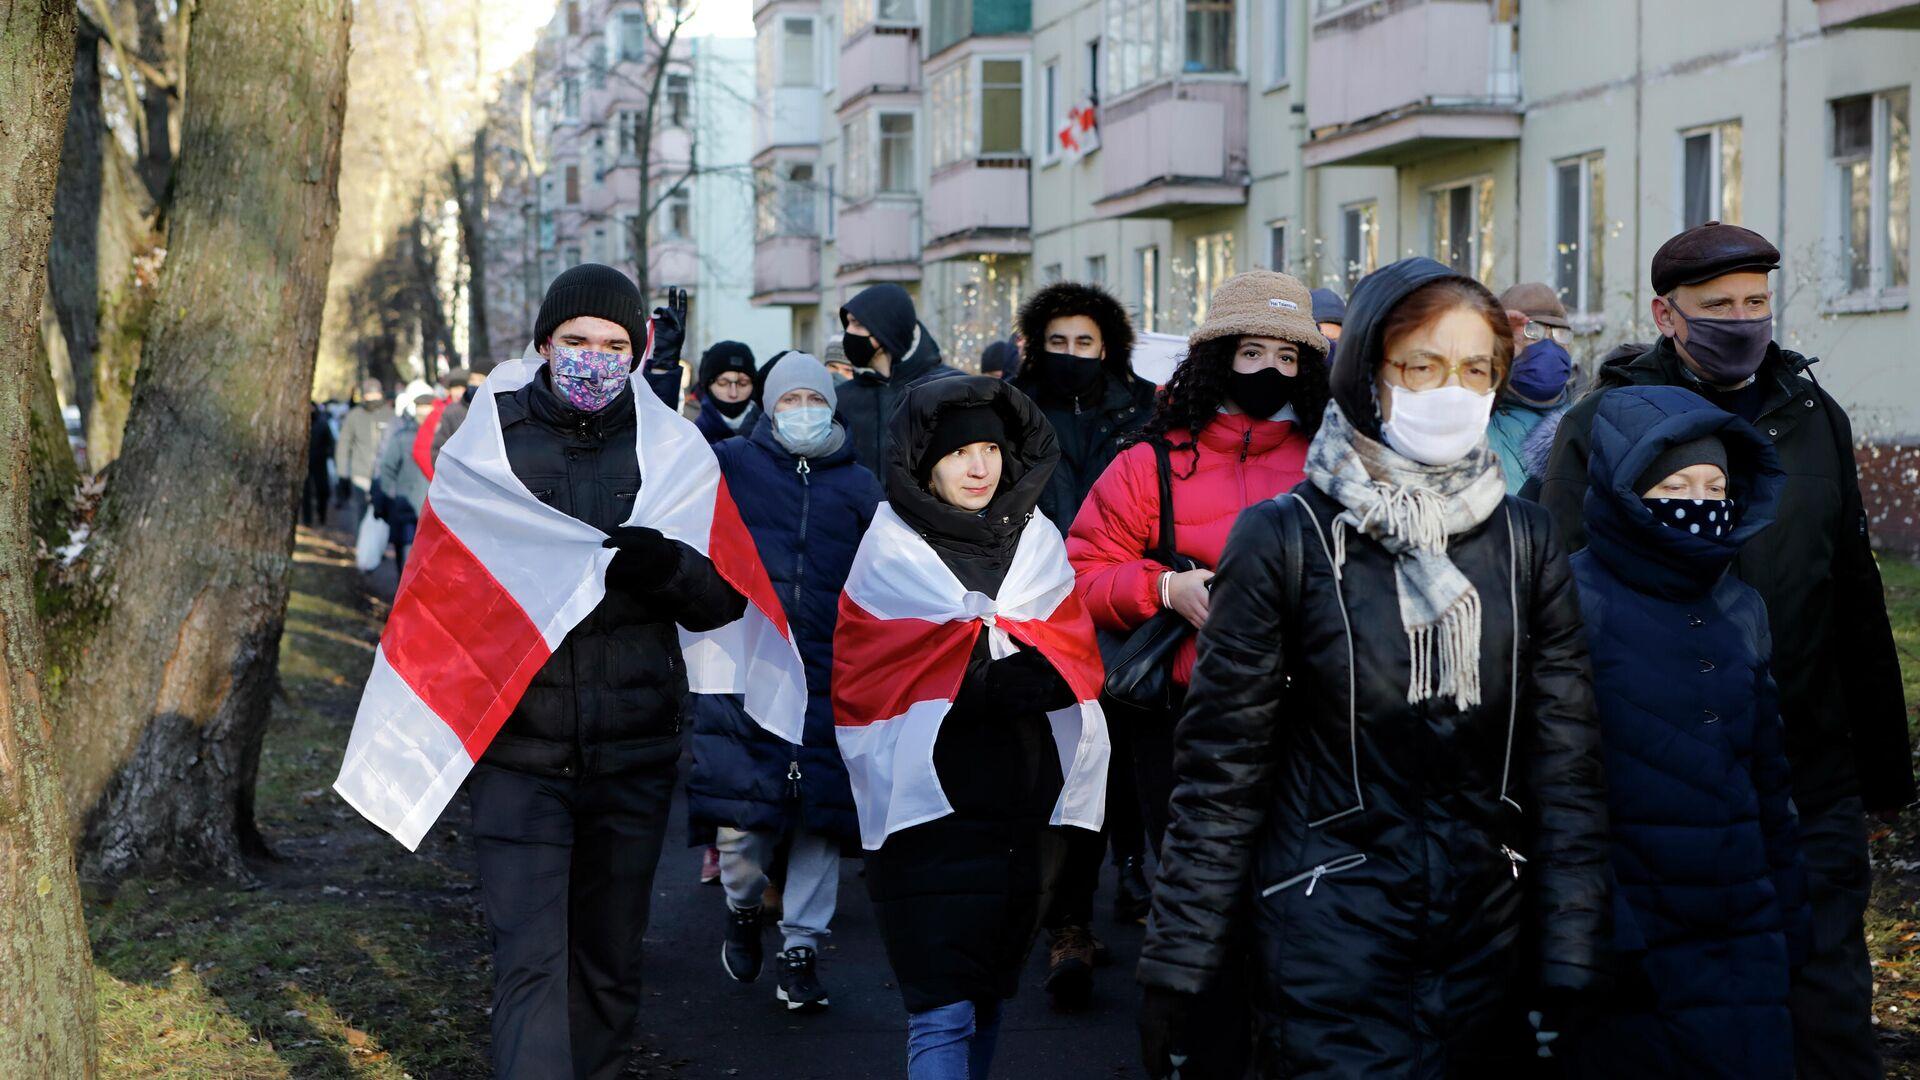 Участники несанкционированной акции протеста в Минске - РИА Новости, 1920, 06.12.2020